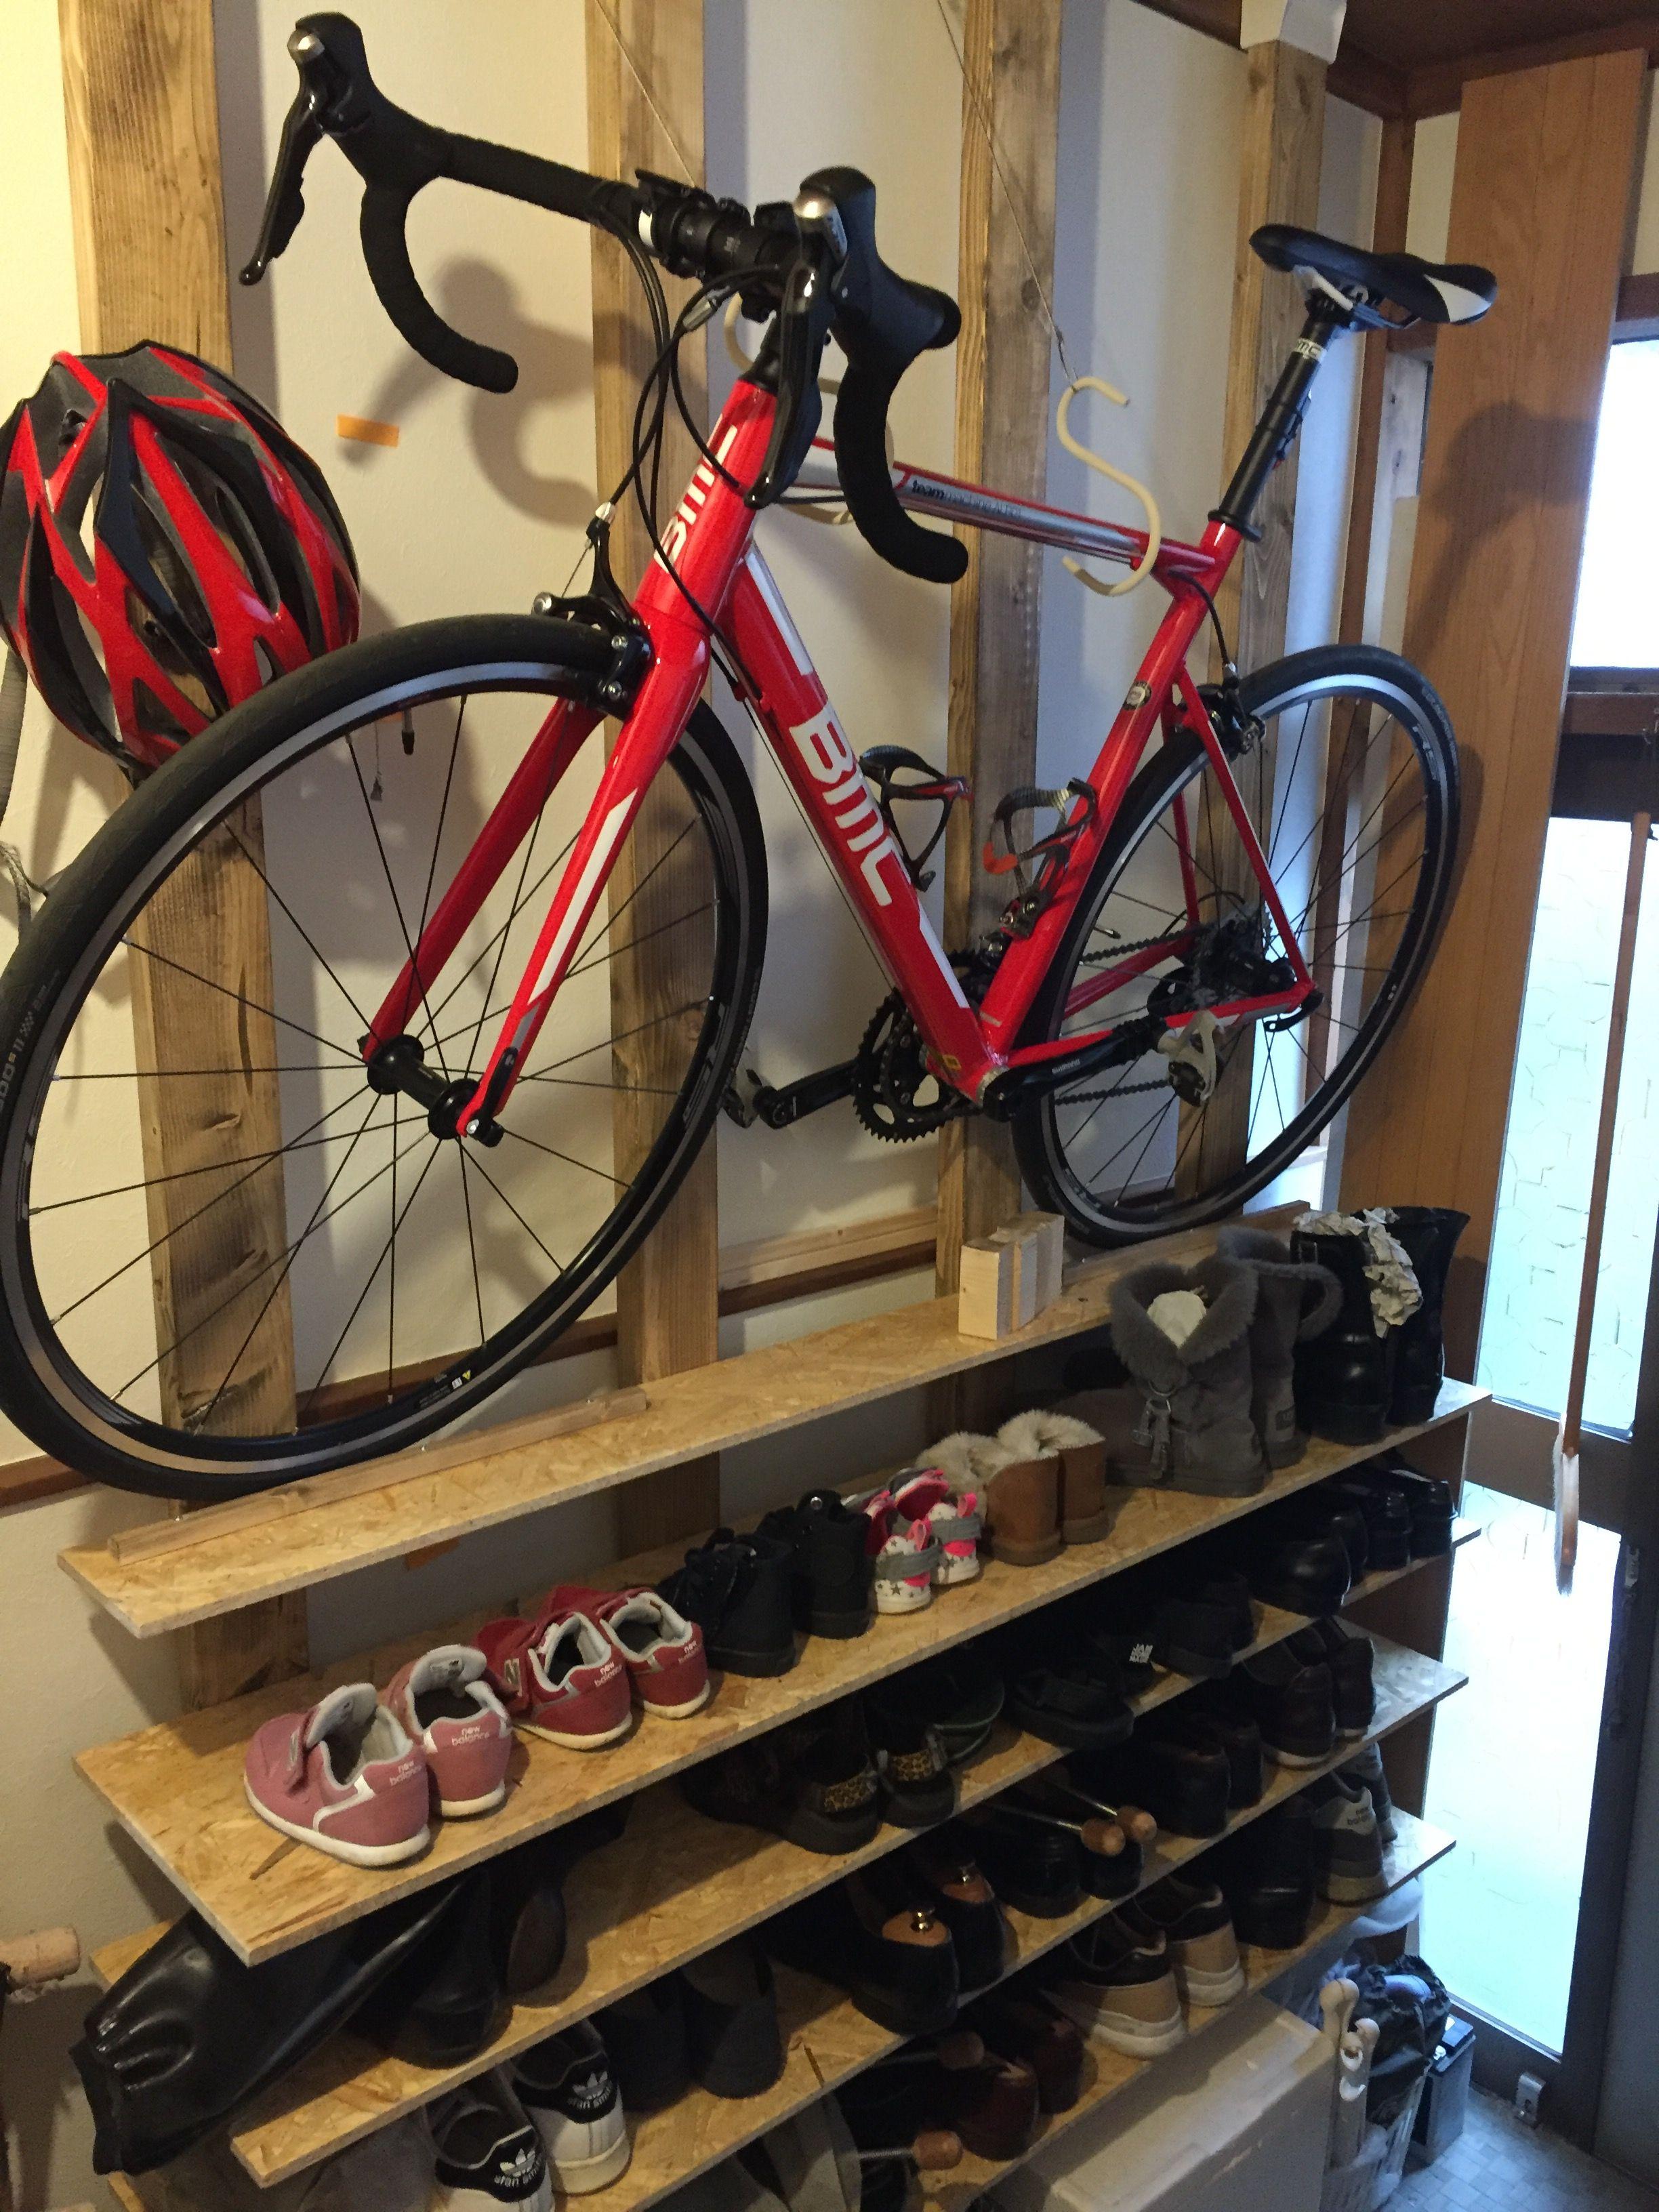 ディアウォール4本使って家族の靴棚とロードバイクの室内格納を両立させました 玄関 自転車 ロードバイク 収納 自転車収納